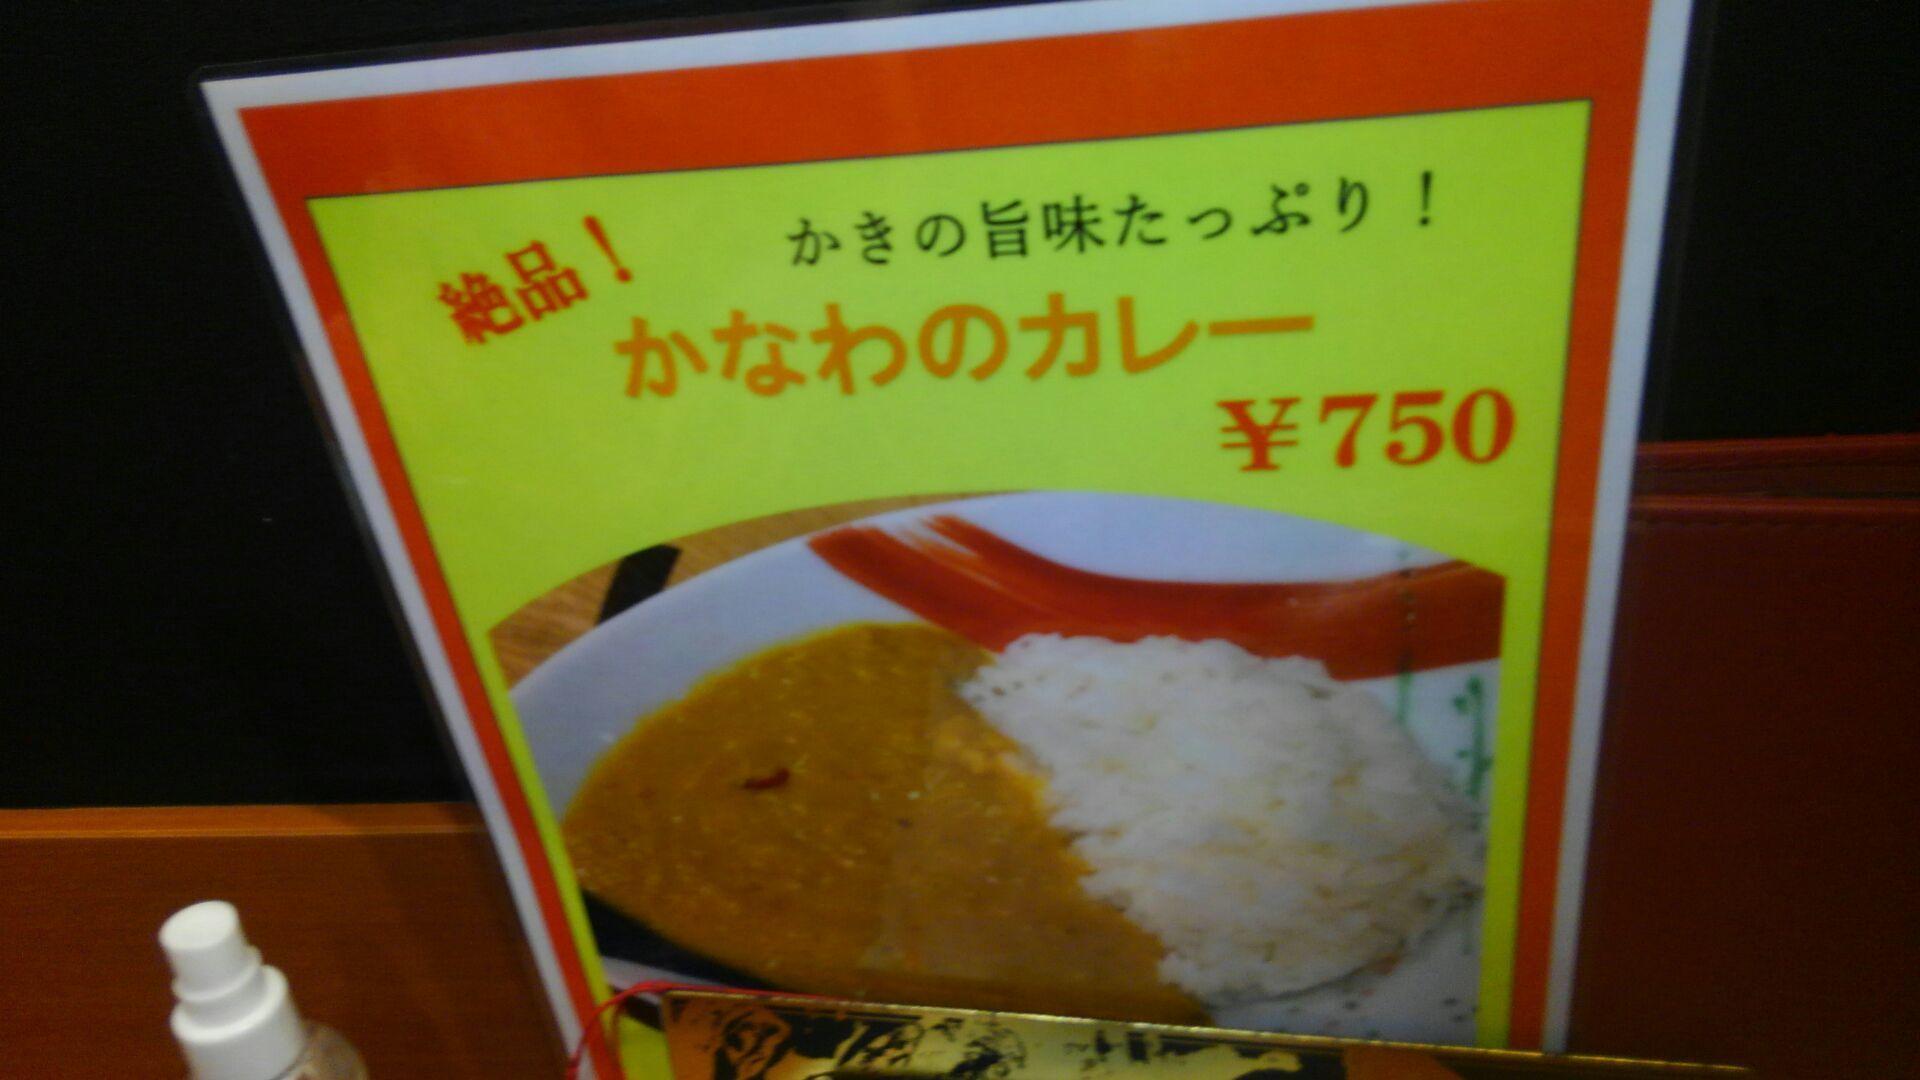 広島駅周辺食いまくり日記5 (3).jpg